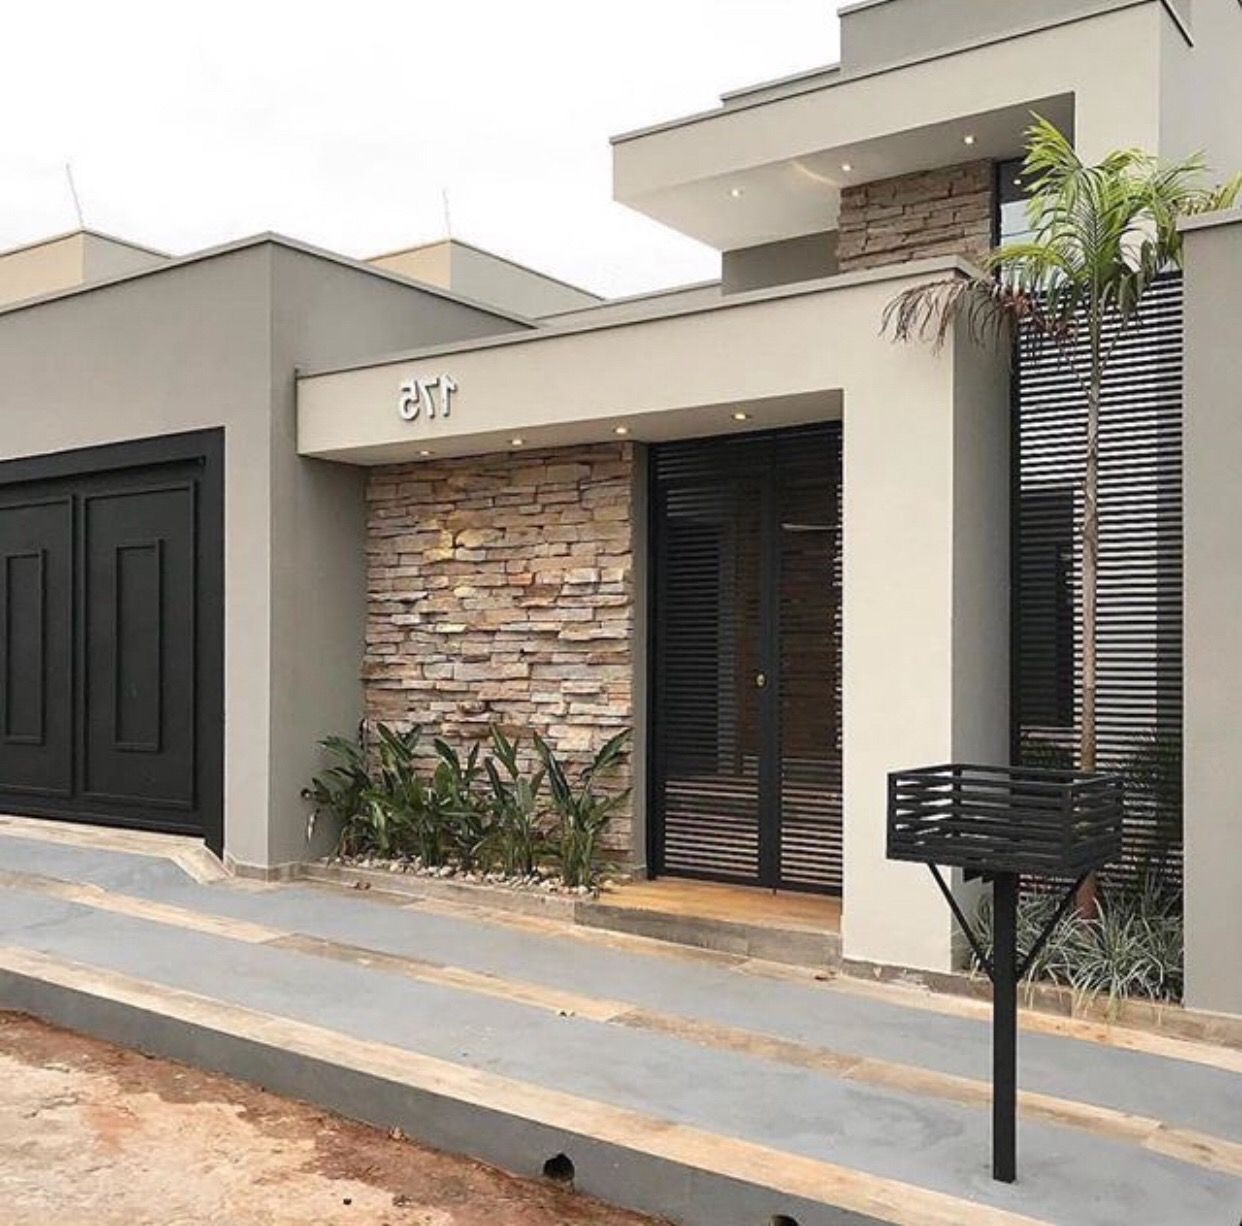 Fachadas D Casas Fachadas Casas Minimalistas Fachadas De Casas Modernas Fachadas De Casas Infonavit